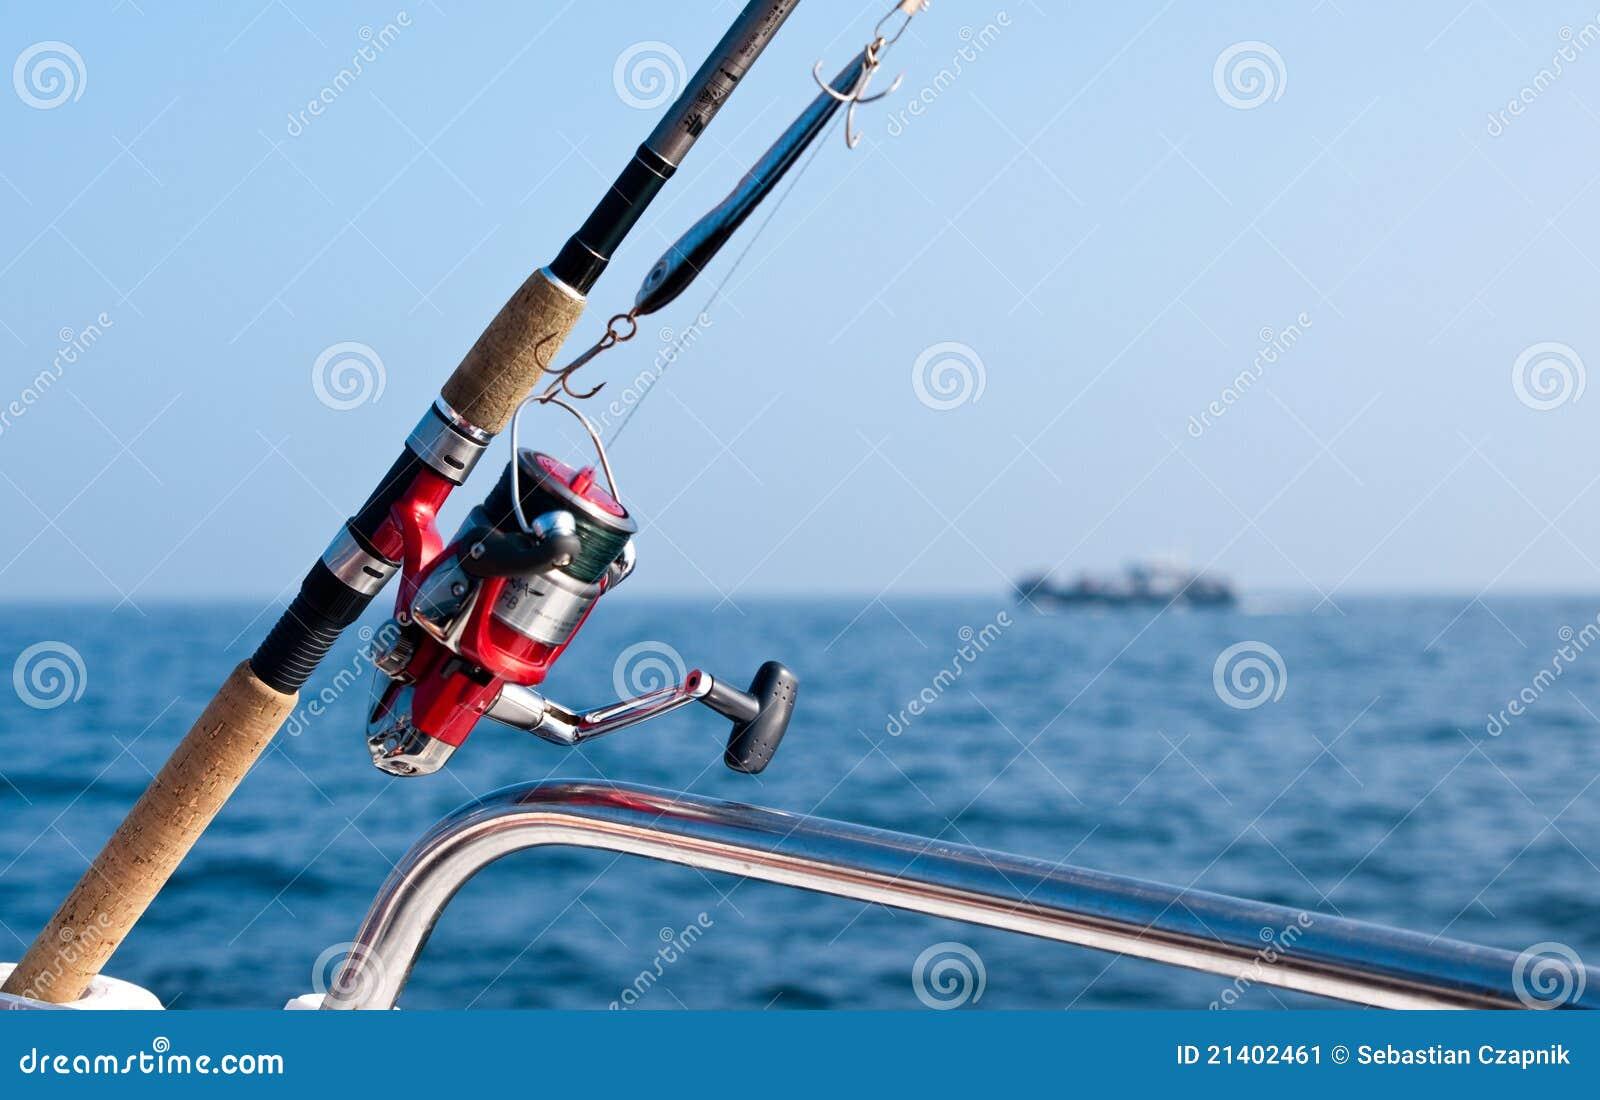 Comme se servir de lappât dans le jeu la pêche russe